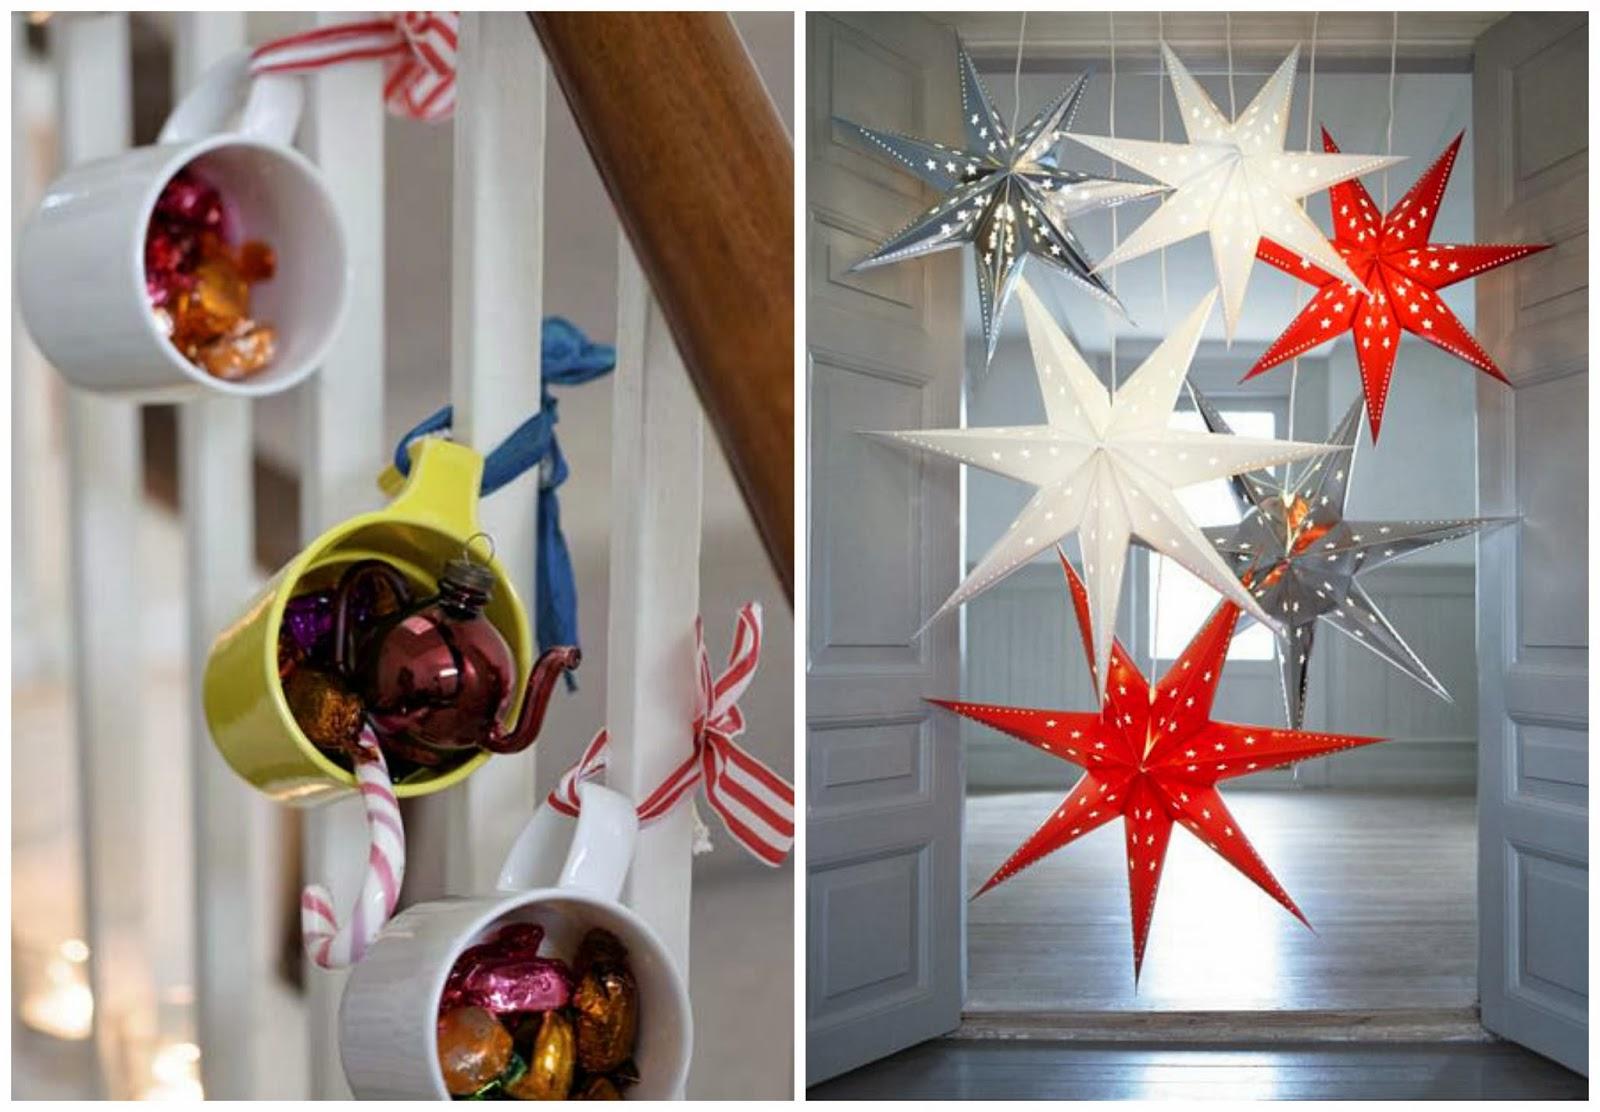 świąteczne dekoracje w mieszkaniu